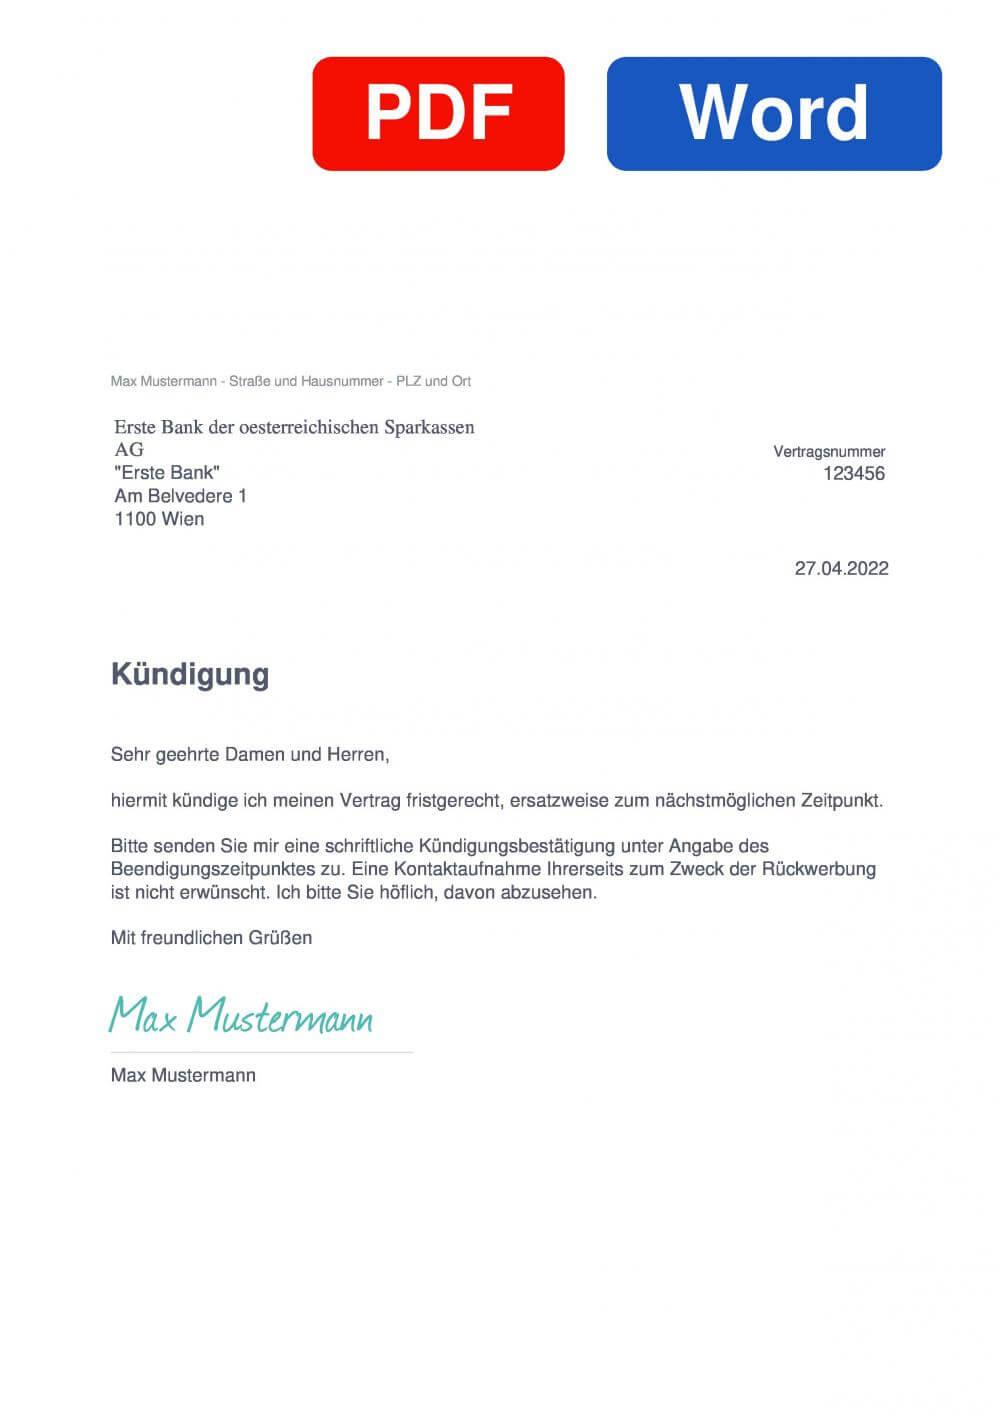 Brokerjet Muster Vorlage für Kündigungsschreiben